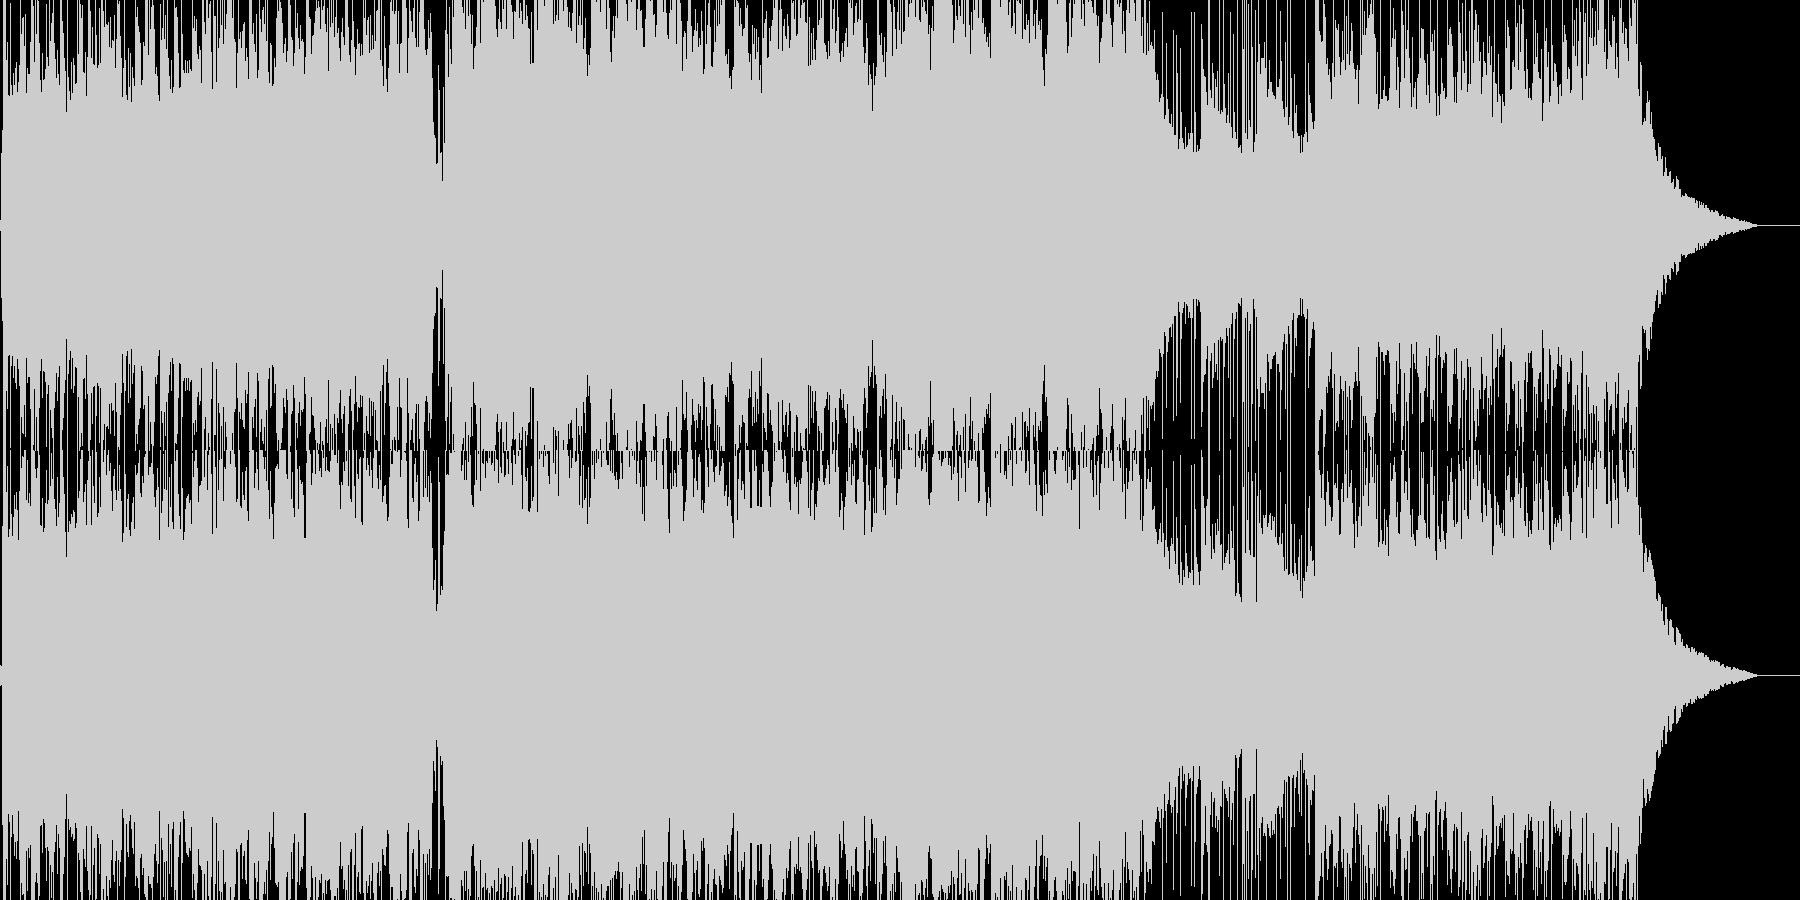 スタイリッシュな和風戦闘曲の未再生の波形